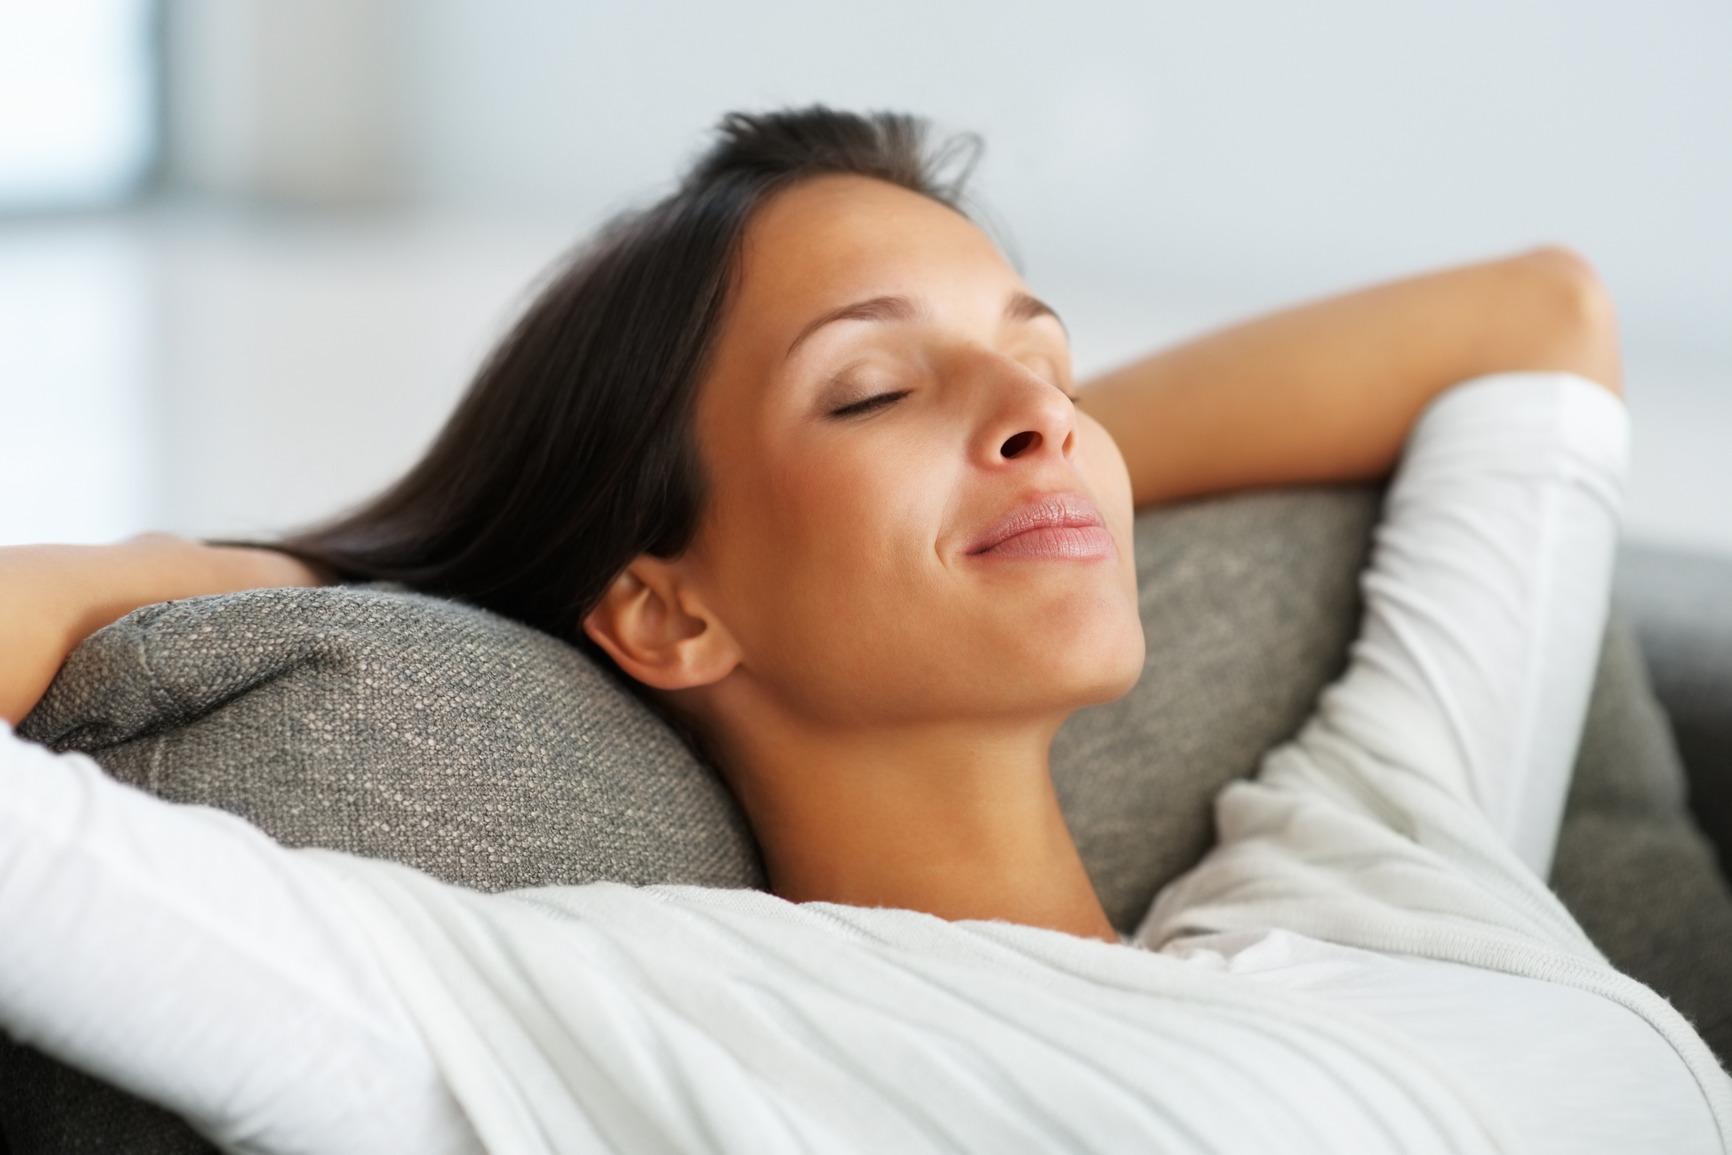 картинки напряжение и расслабление зайдите соответствующий